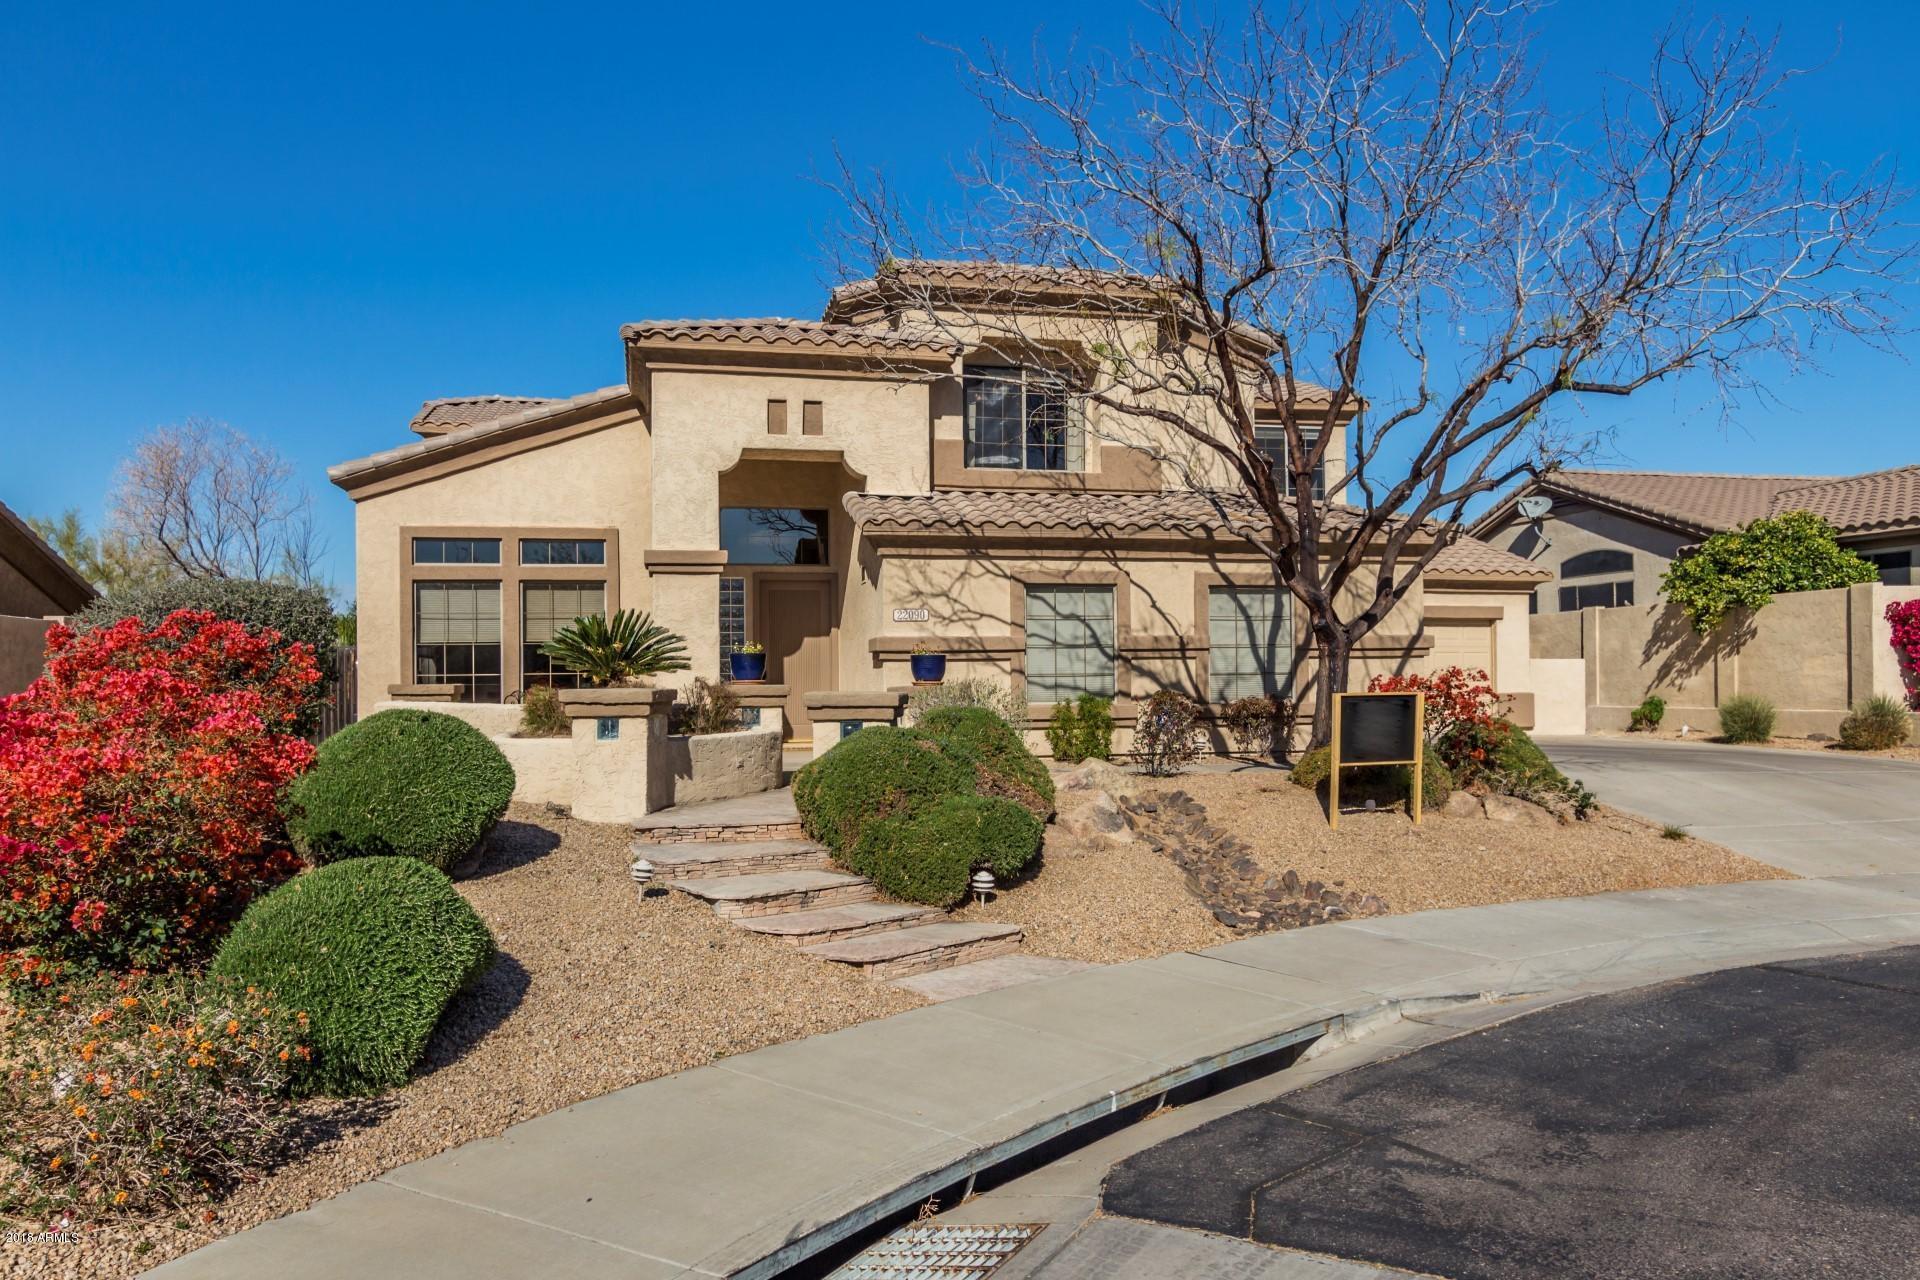 22090 N 77TH Way, Scottsdale, AZ 85255